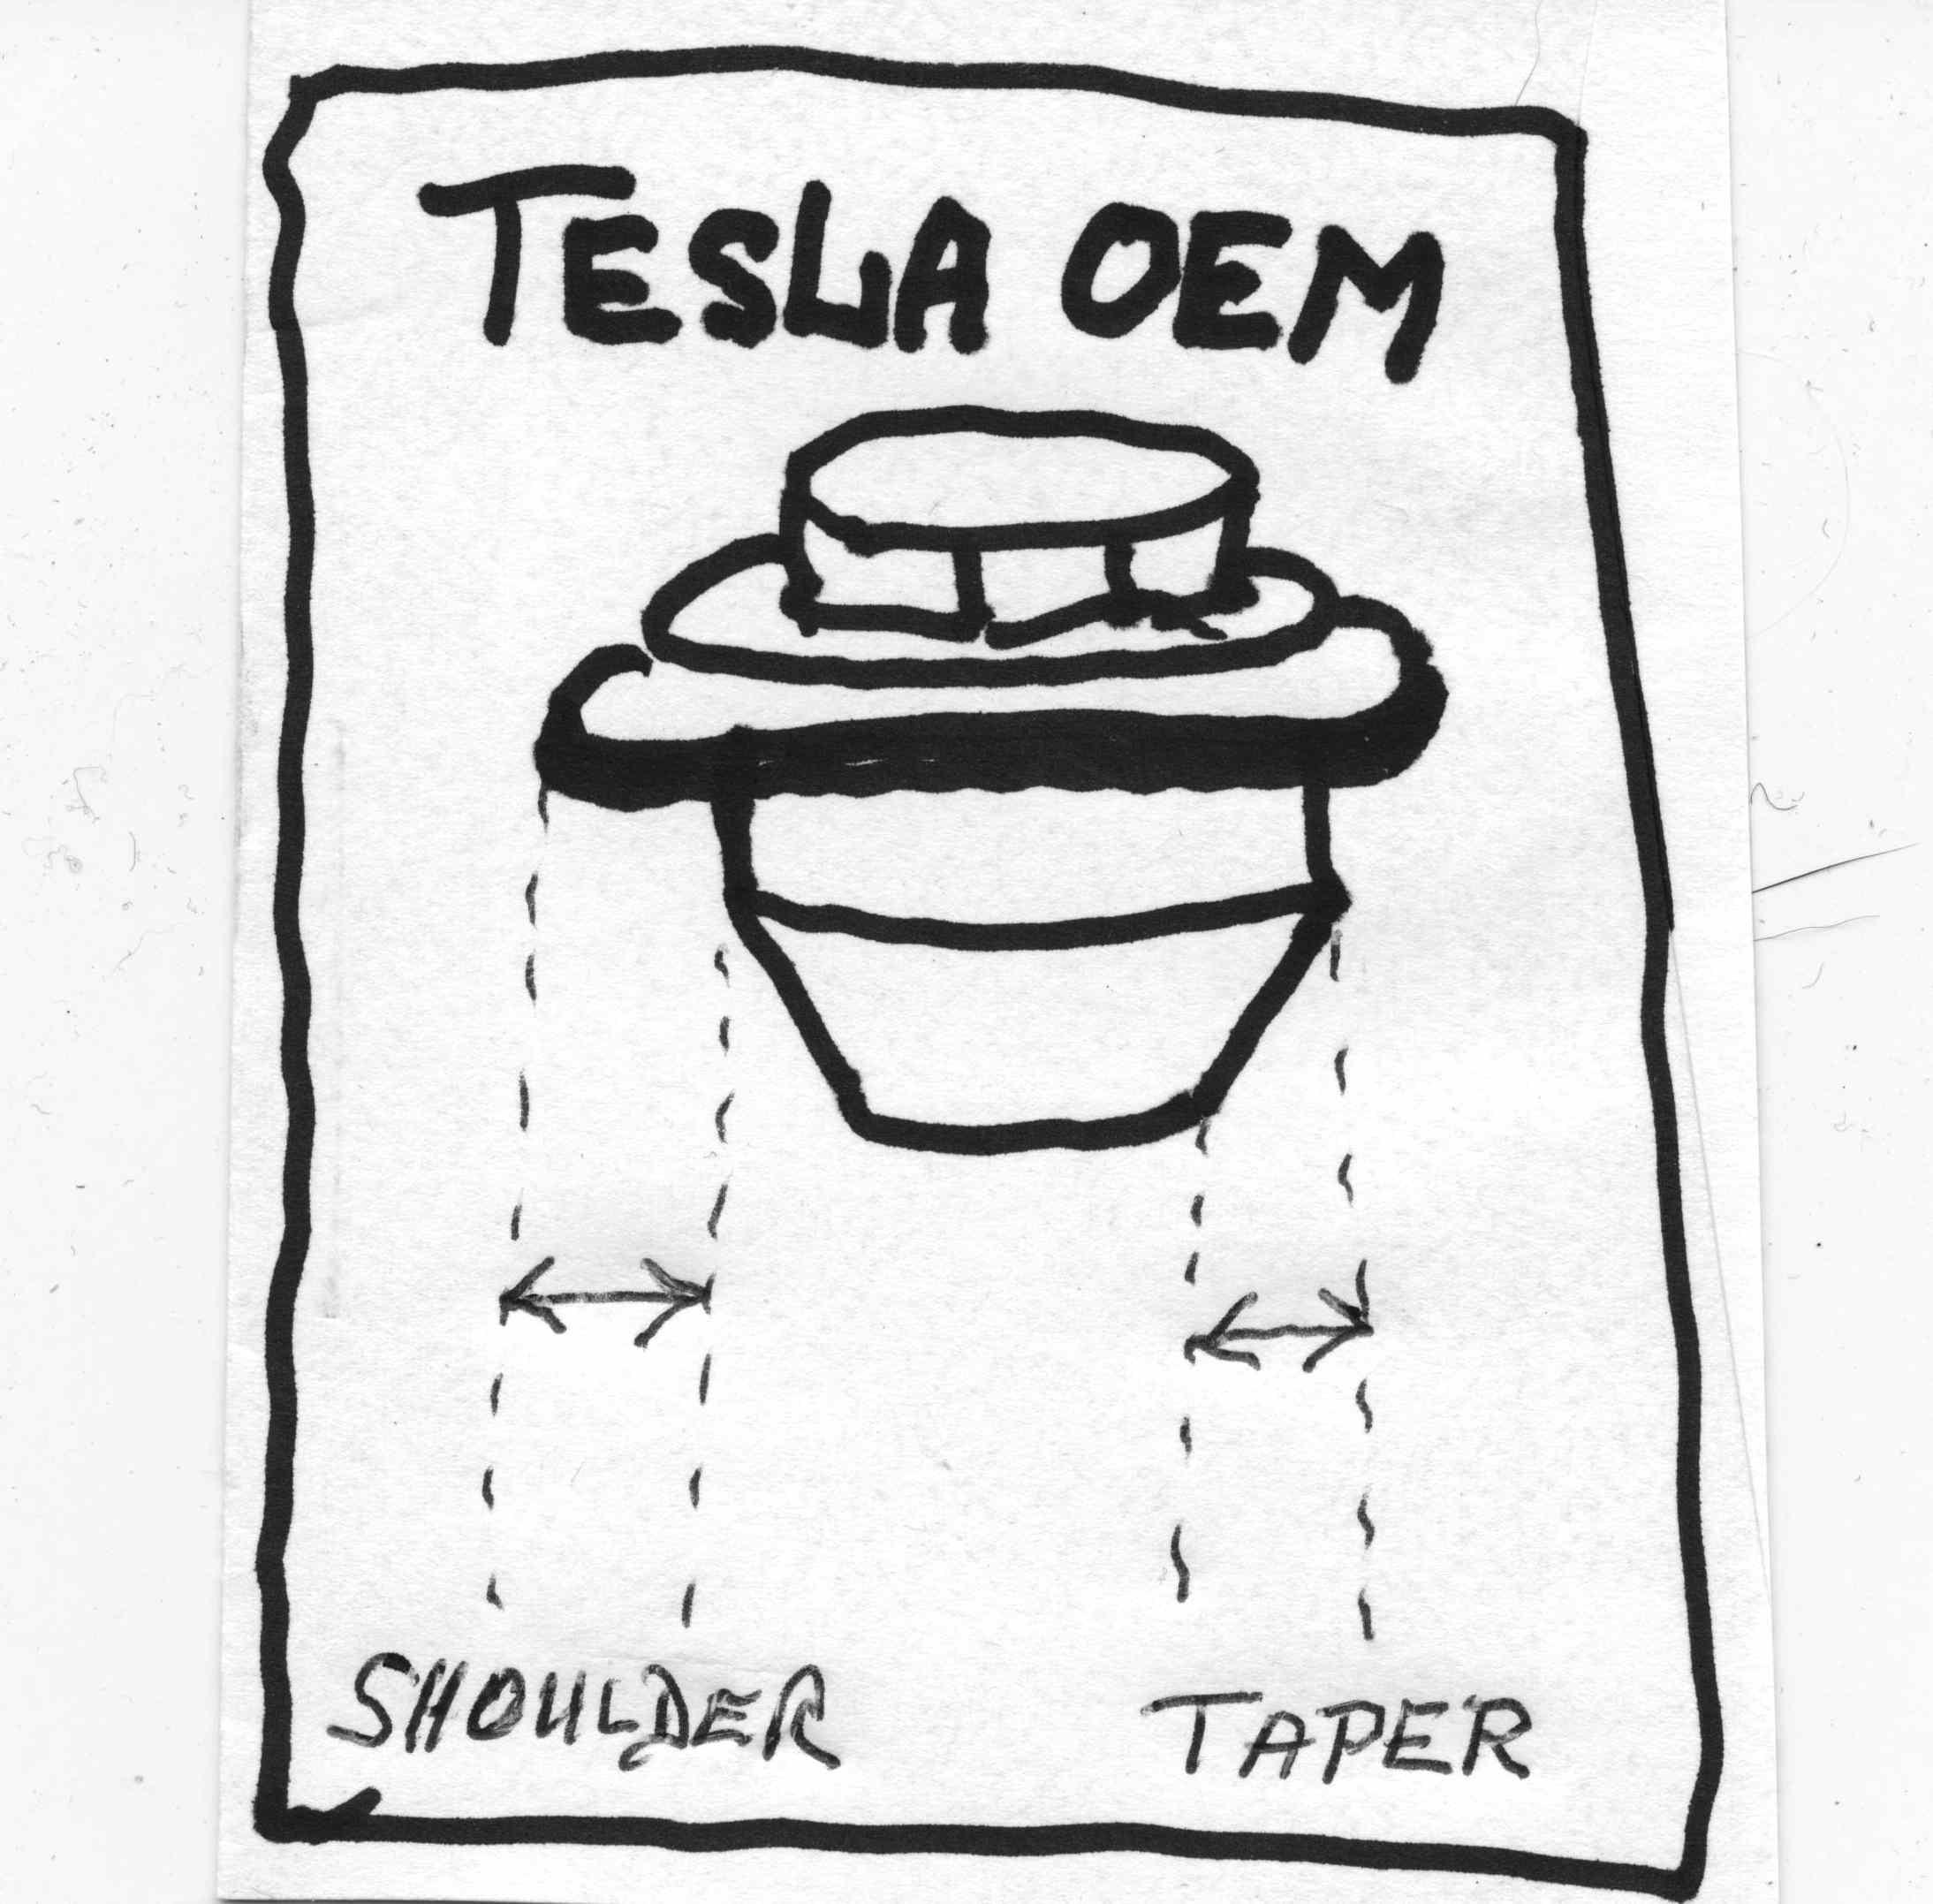 Tesla_S_Lugs_OEM.jpg